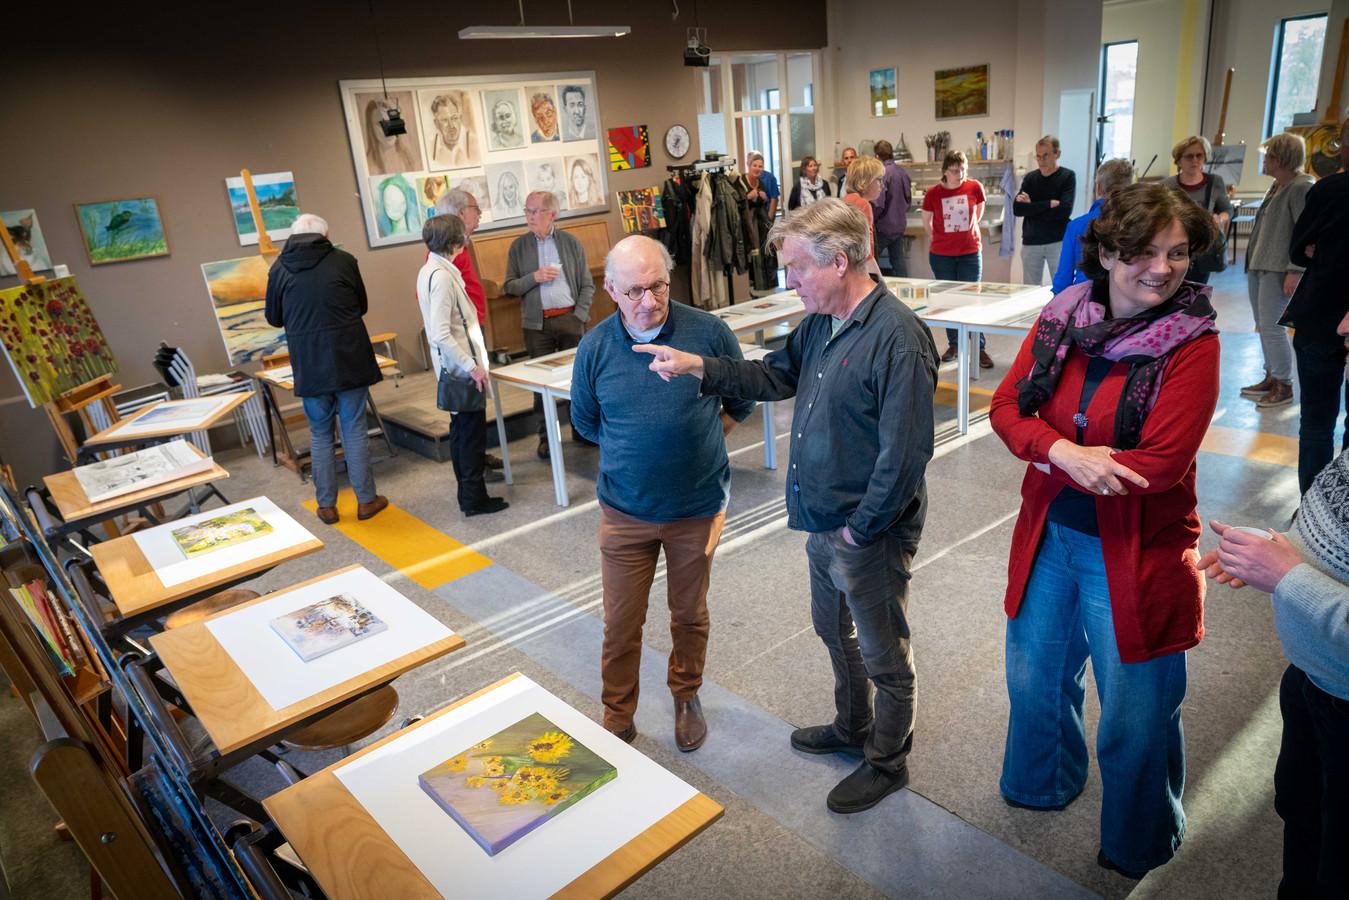 Bestuursvoorzitter Frans Polman (links) en docent Bart Elfrink in de Kinkel in Bemmel. Zij staan lijnrecht tegenover elkaar over het bestuursbesluit om alle kunstcursussen voor volwassenen te schrappen.